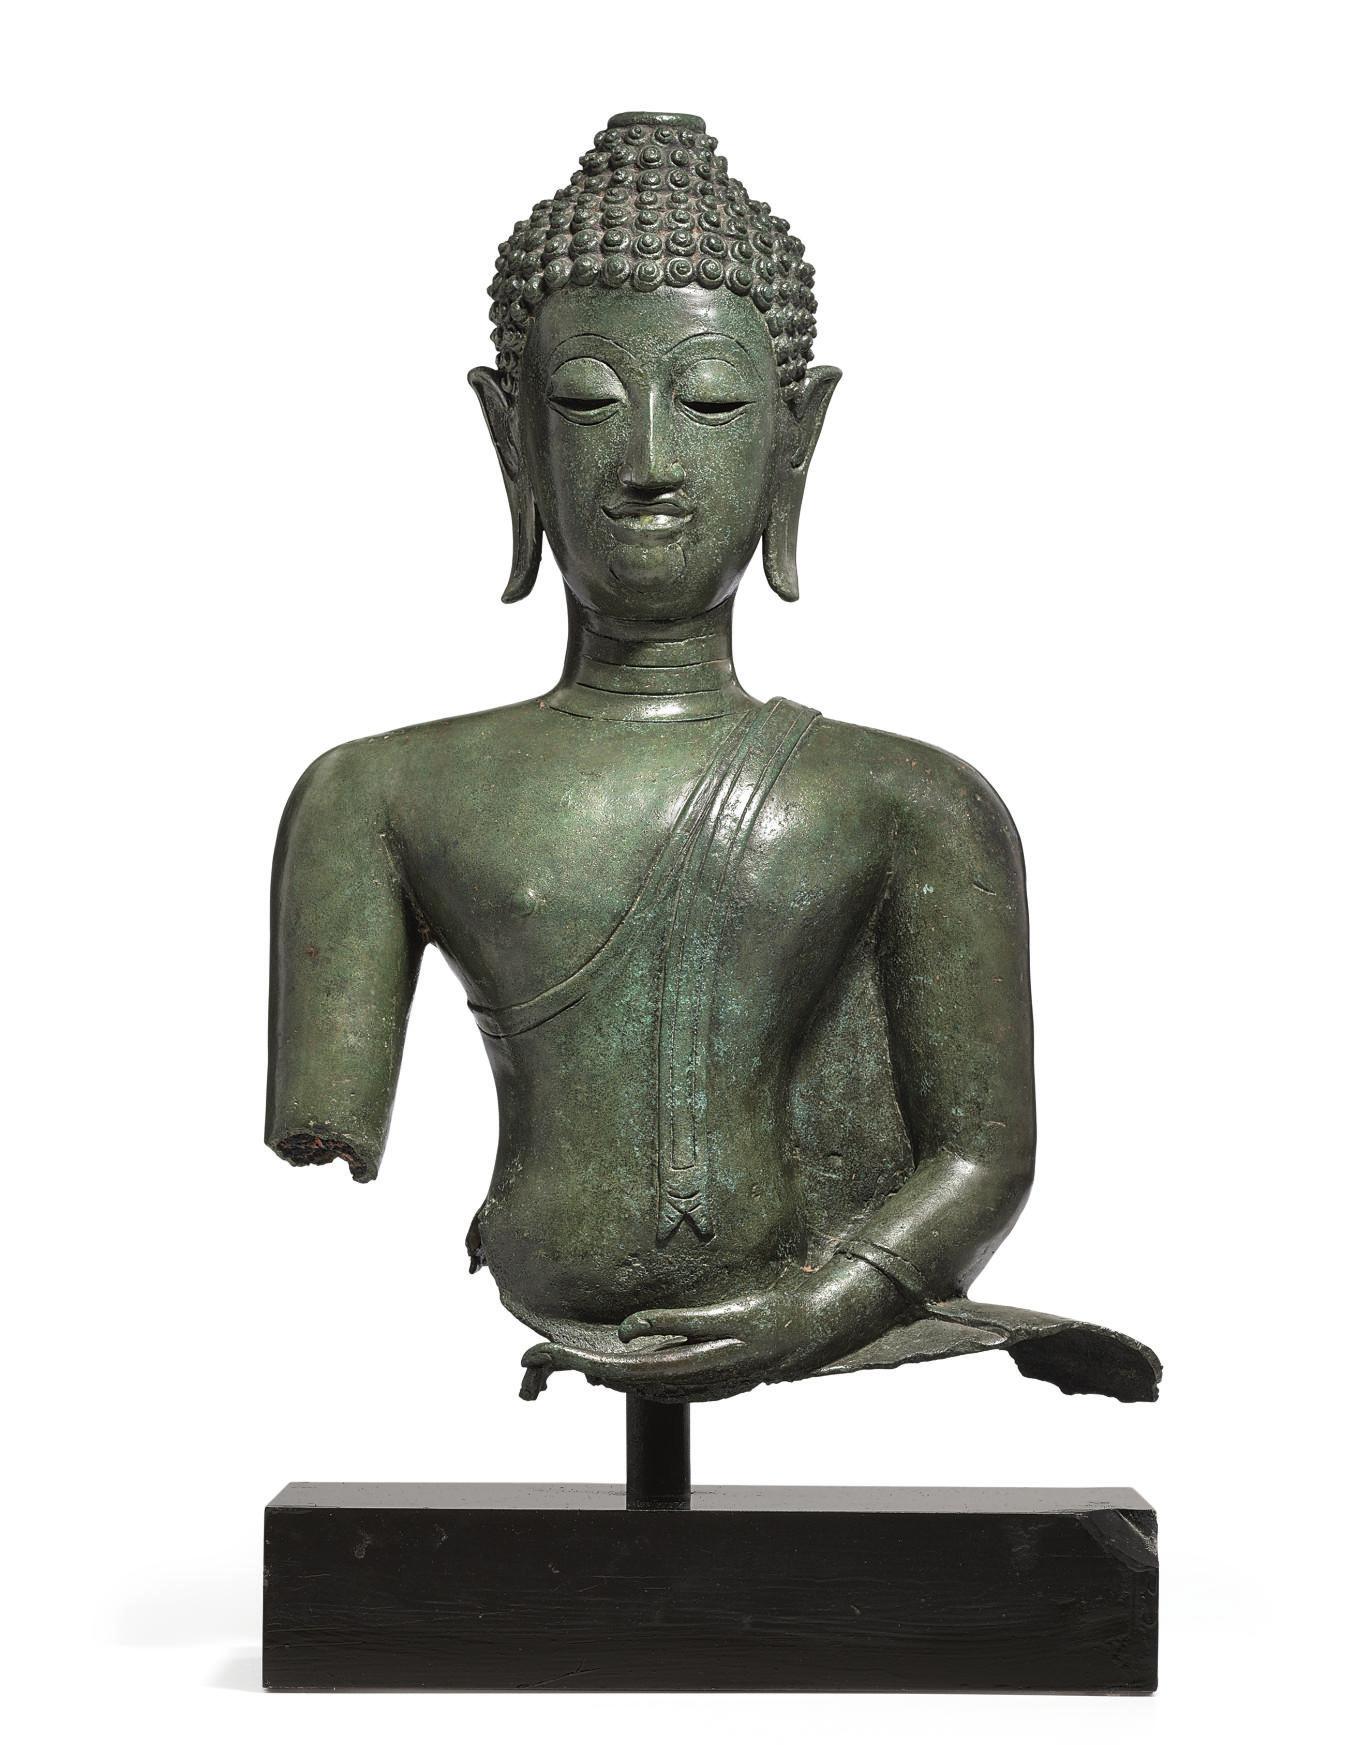 A bronze bust of Buddha